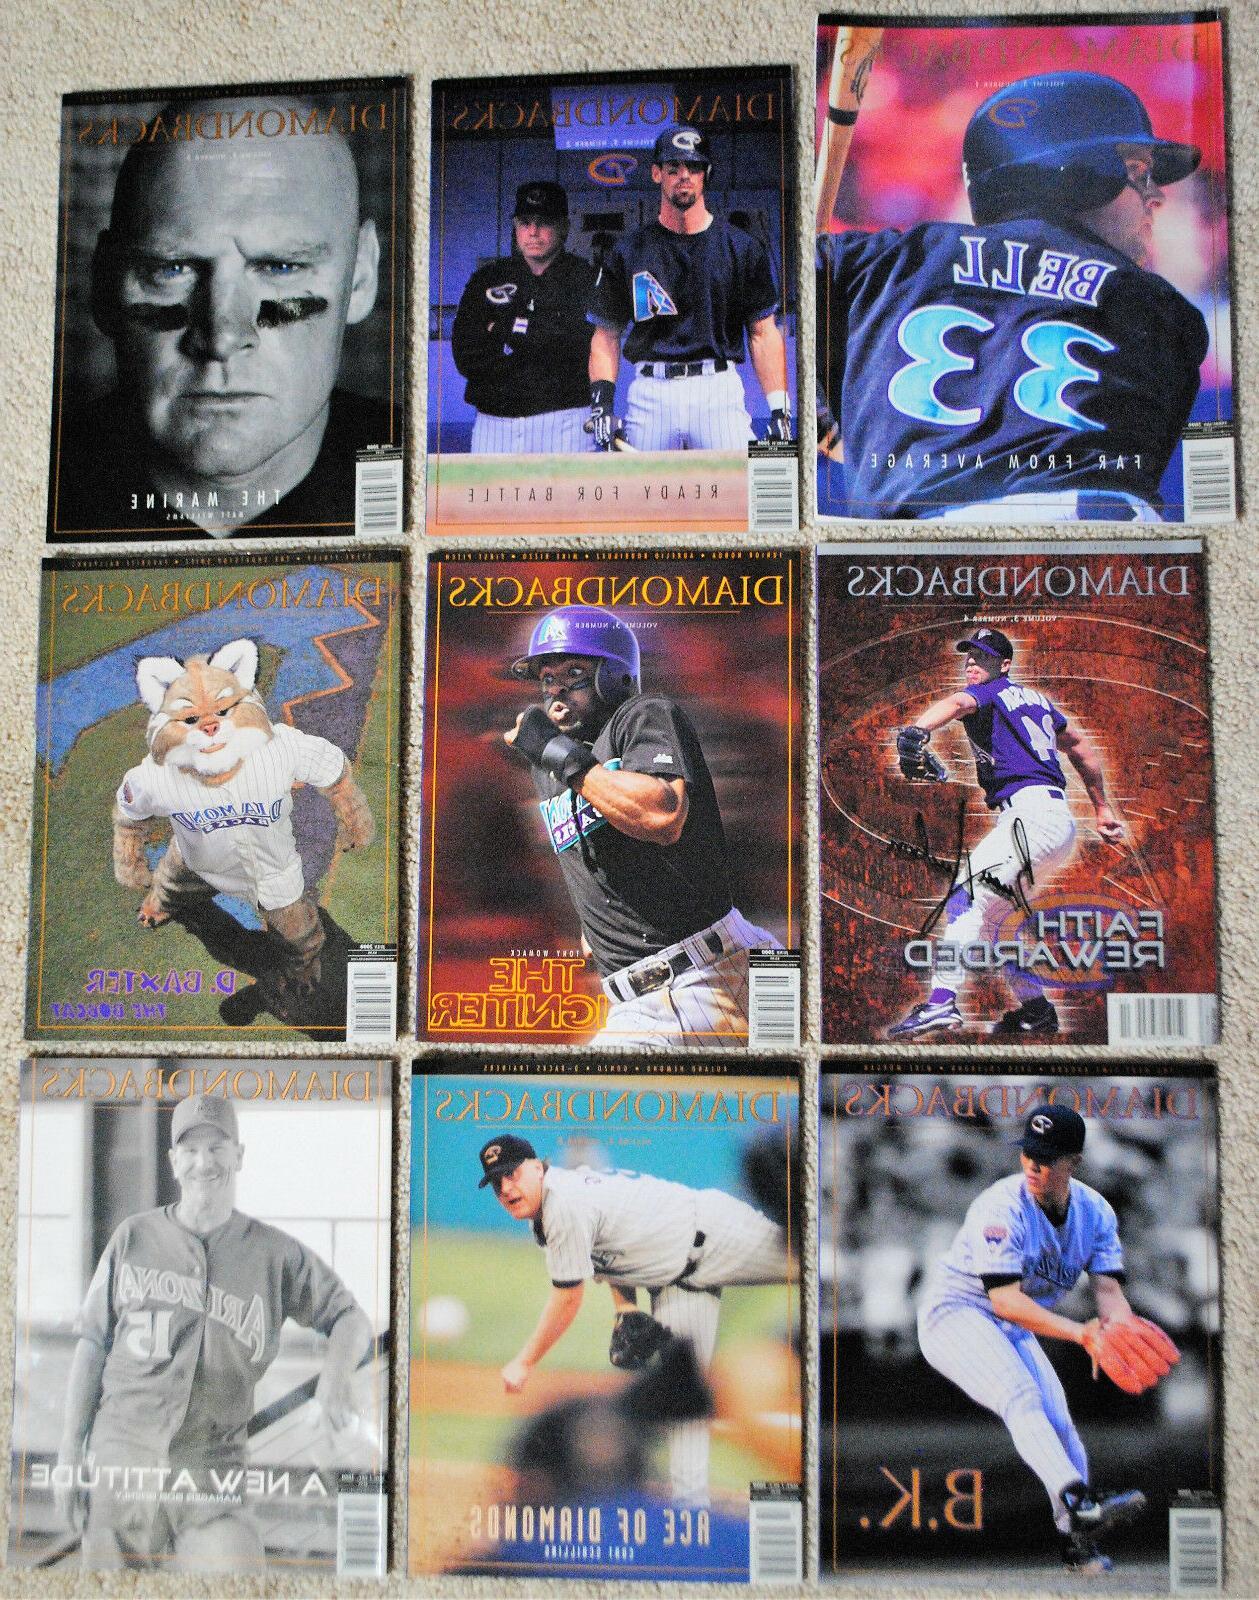 2000 arizona diamondbacks magazine dbacks mlb baseball